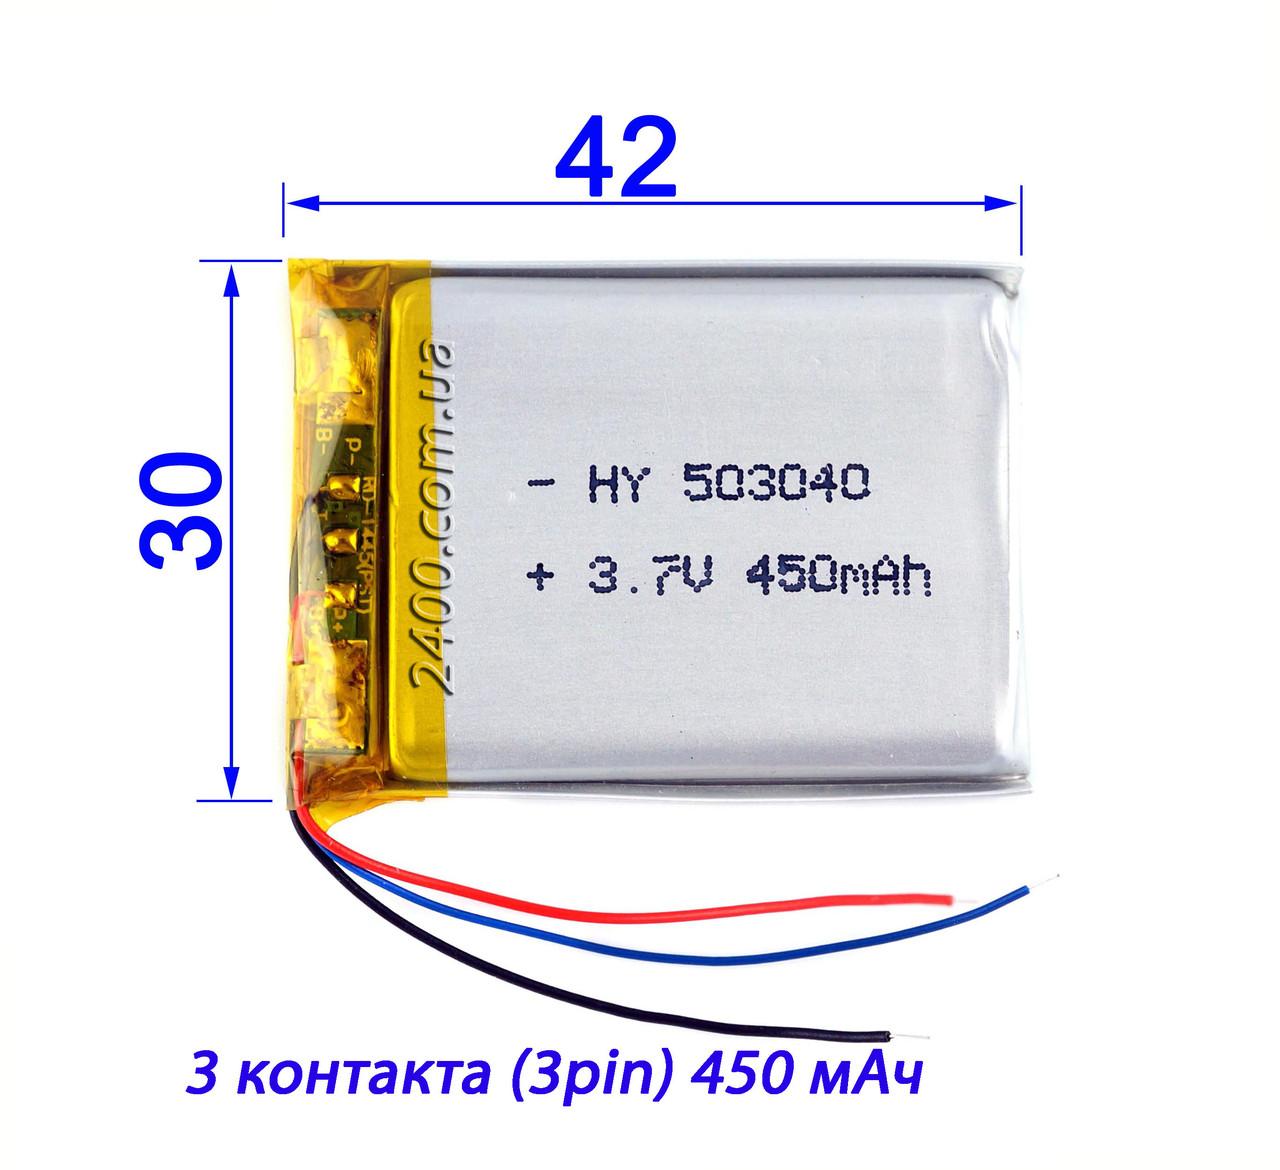 Аккумулятор видеорегистратора 450 мАч 3pin (3 контакта) 503040 3,7в, сигнализации, наушников, Bluetooth